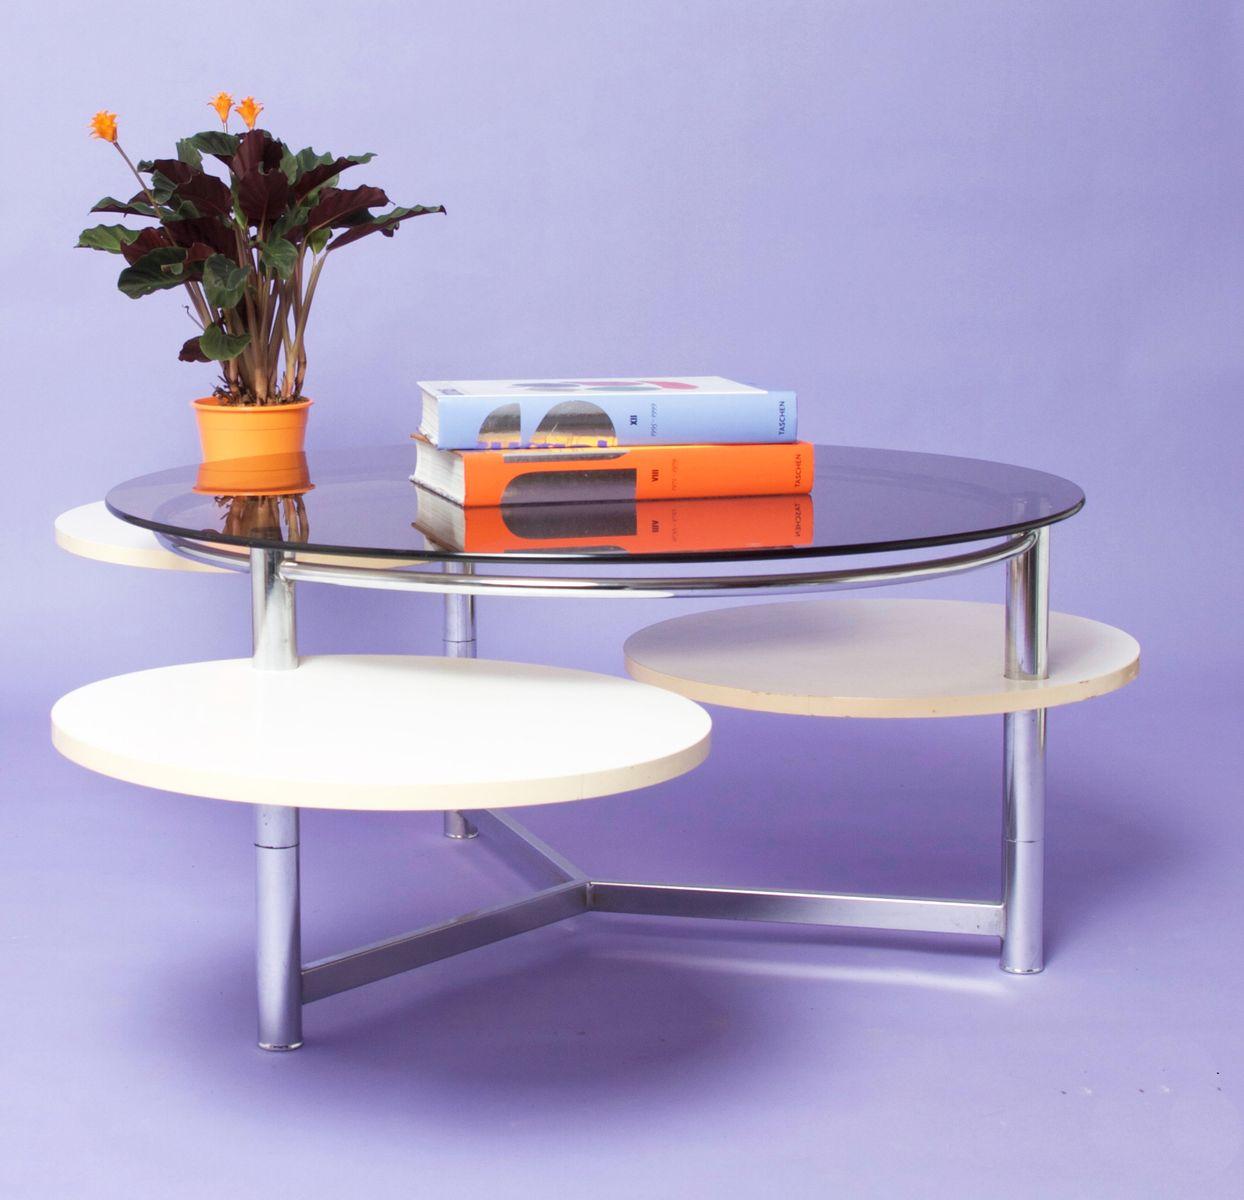 table basse circulaire en verre fum avec trois plateaux amovibles france 1970s en vente sur. Black Bedroom Furniture Sets. Home Design Ideas